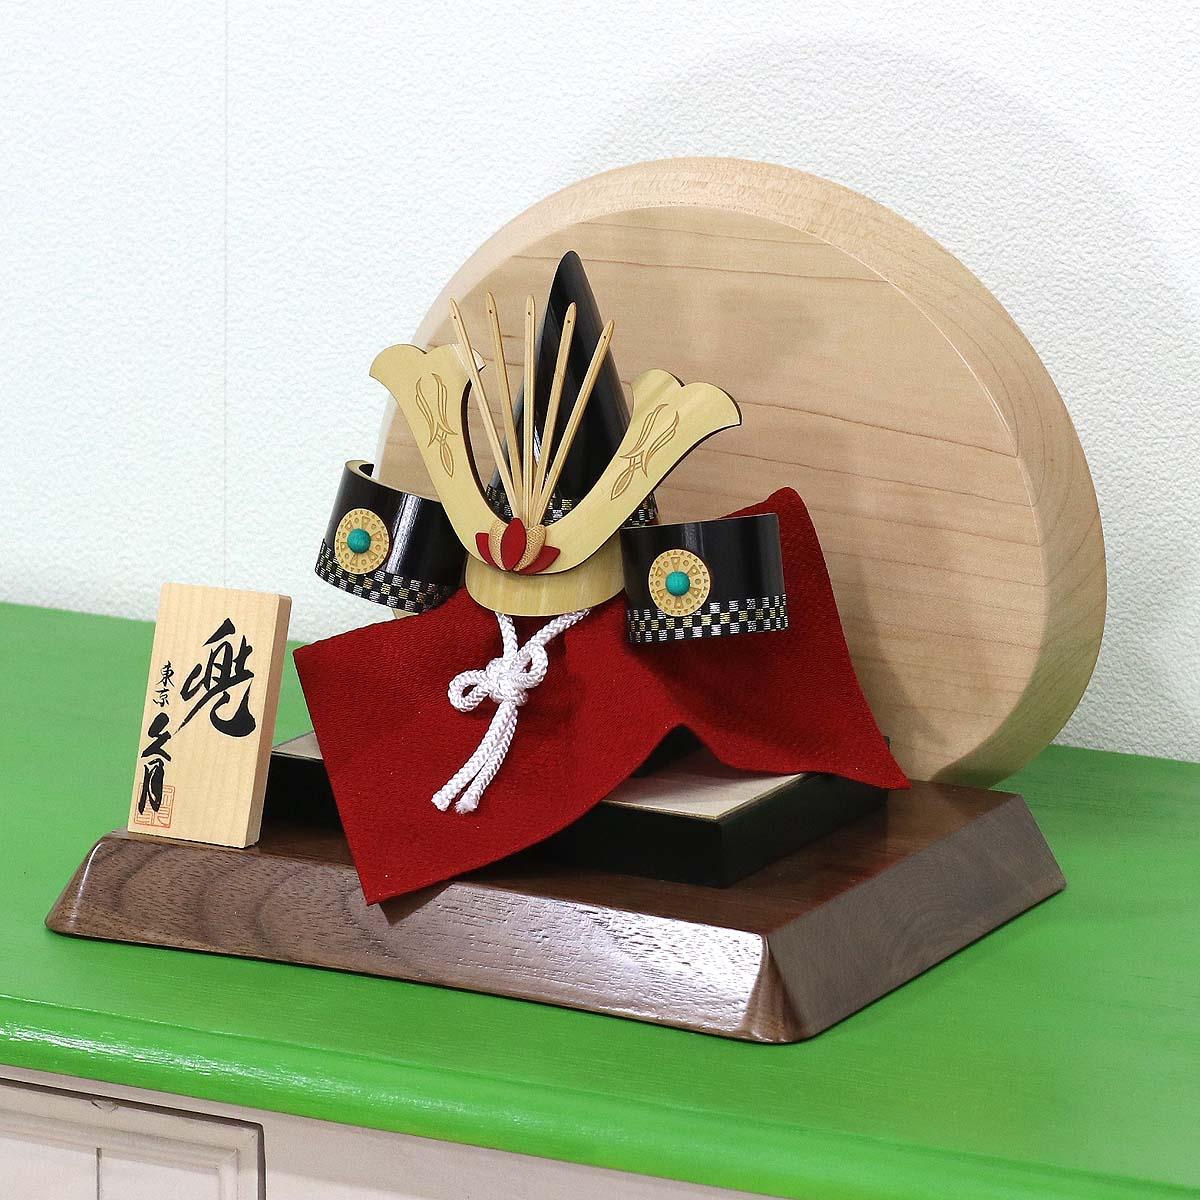 五月人形 久月 兜飾り 久月 ミニ兜 越前竹人形 高級木材使用飾り台・衝立 久月 ≪GOQ-R5994-WN-S≫コンパクト おしゃれ 兜飾り 兜 五月人形